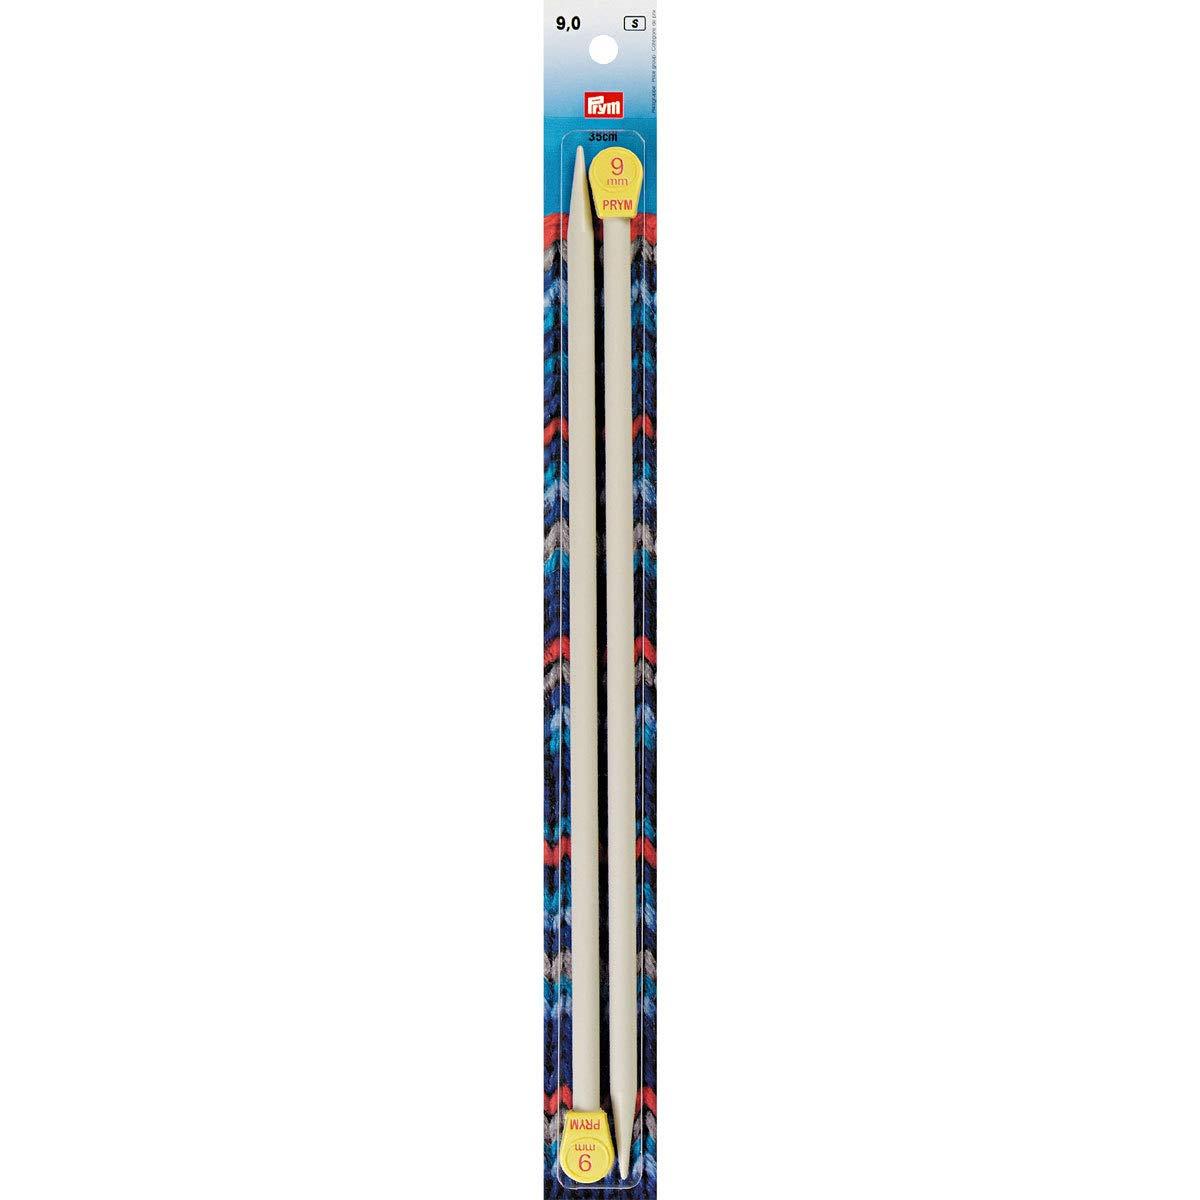 Knit Pro KP35346 Madera, 100 cm, 9 mm Agujas de Tejer Circulares